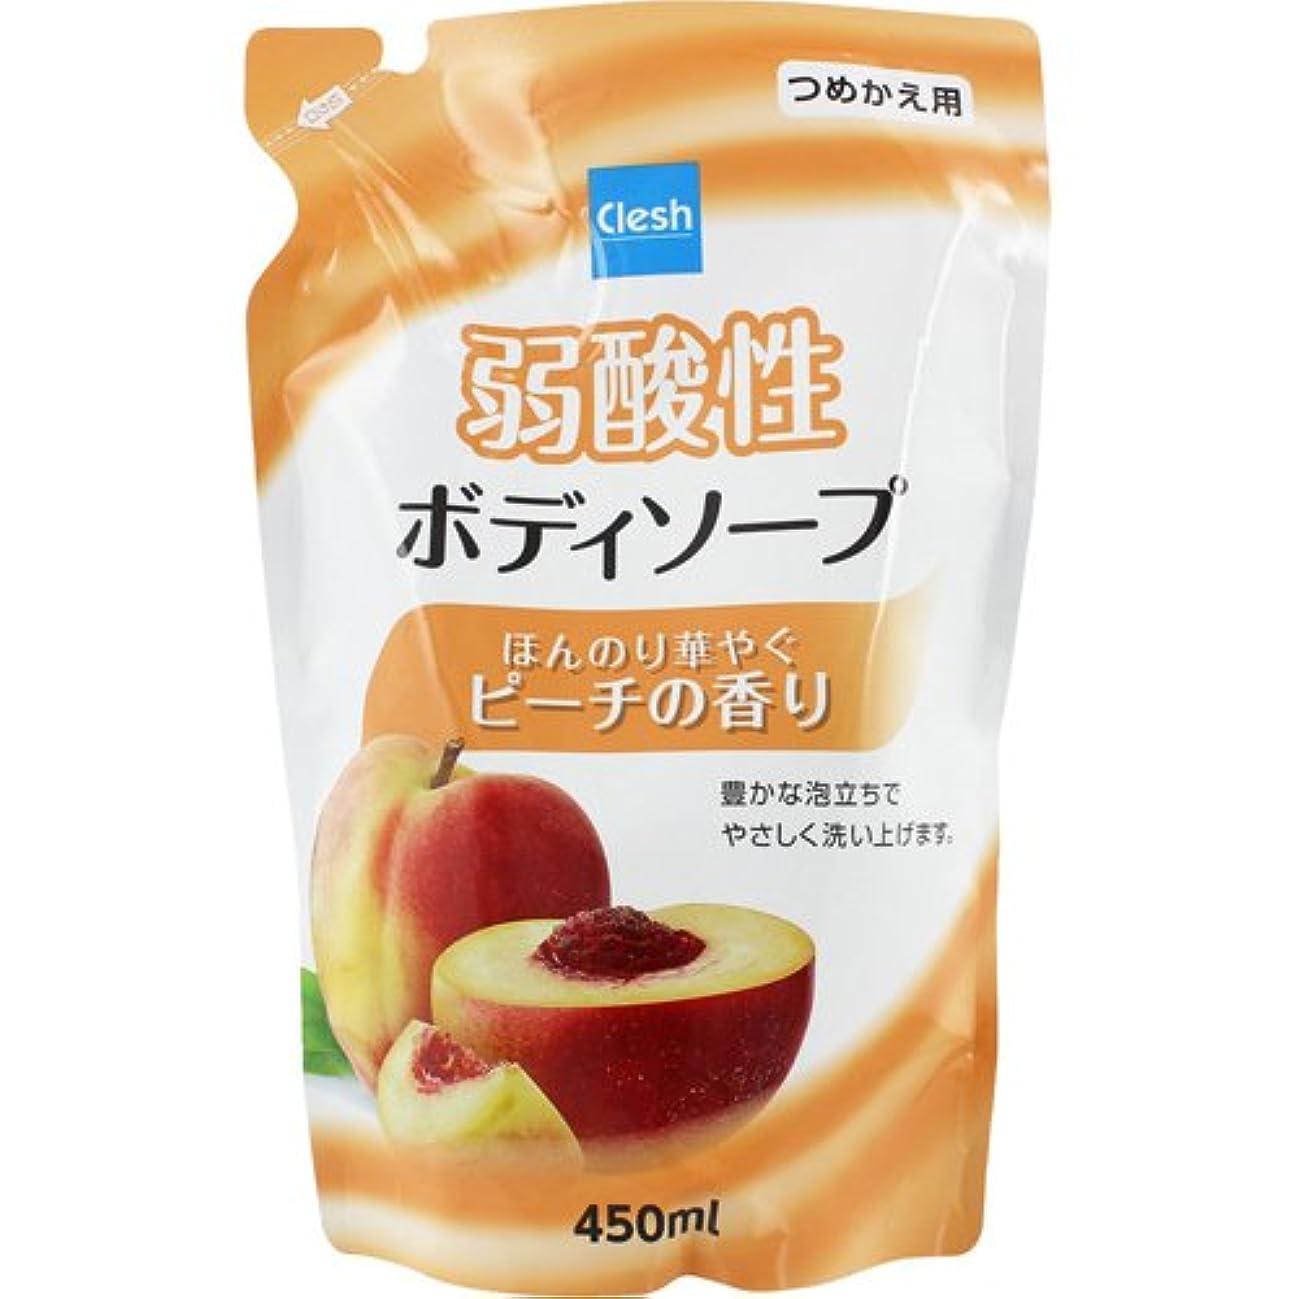 病気の入るラッドヤードキップリングClesh(クレシュ) 弱酸性ボディソープ ピーチの香り つめかえ用 450ml